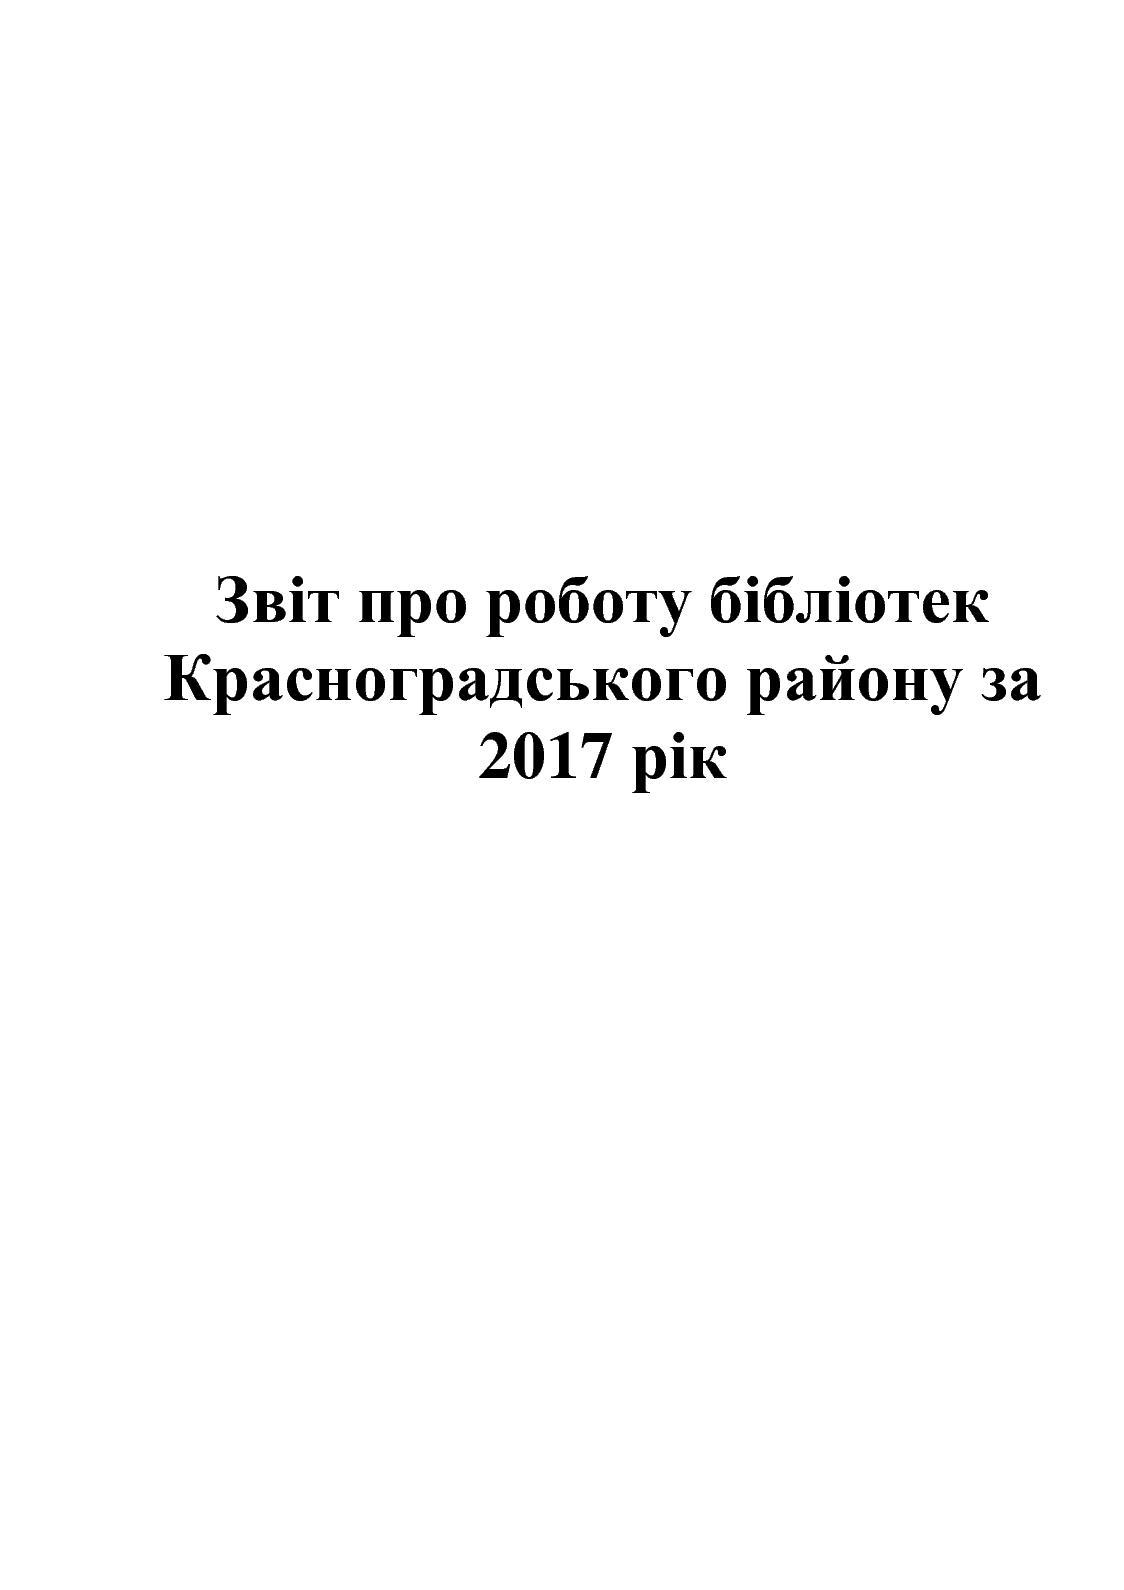 Звіт про роботу бібліотек Красноградського району за 2017 рік